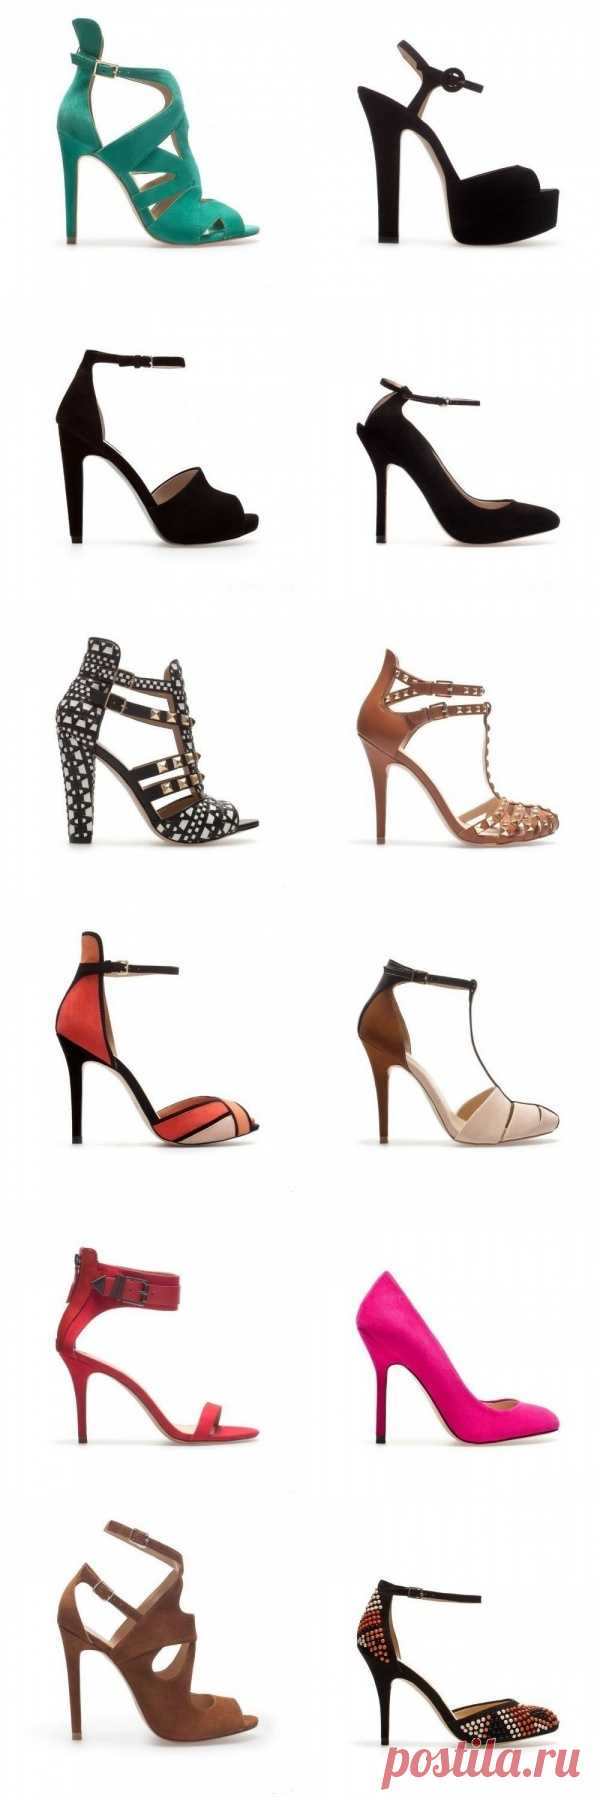 Бренд Zara представил коллекцию обуви весна-лето 2013